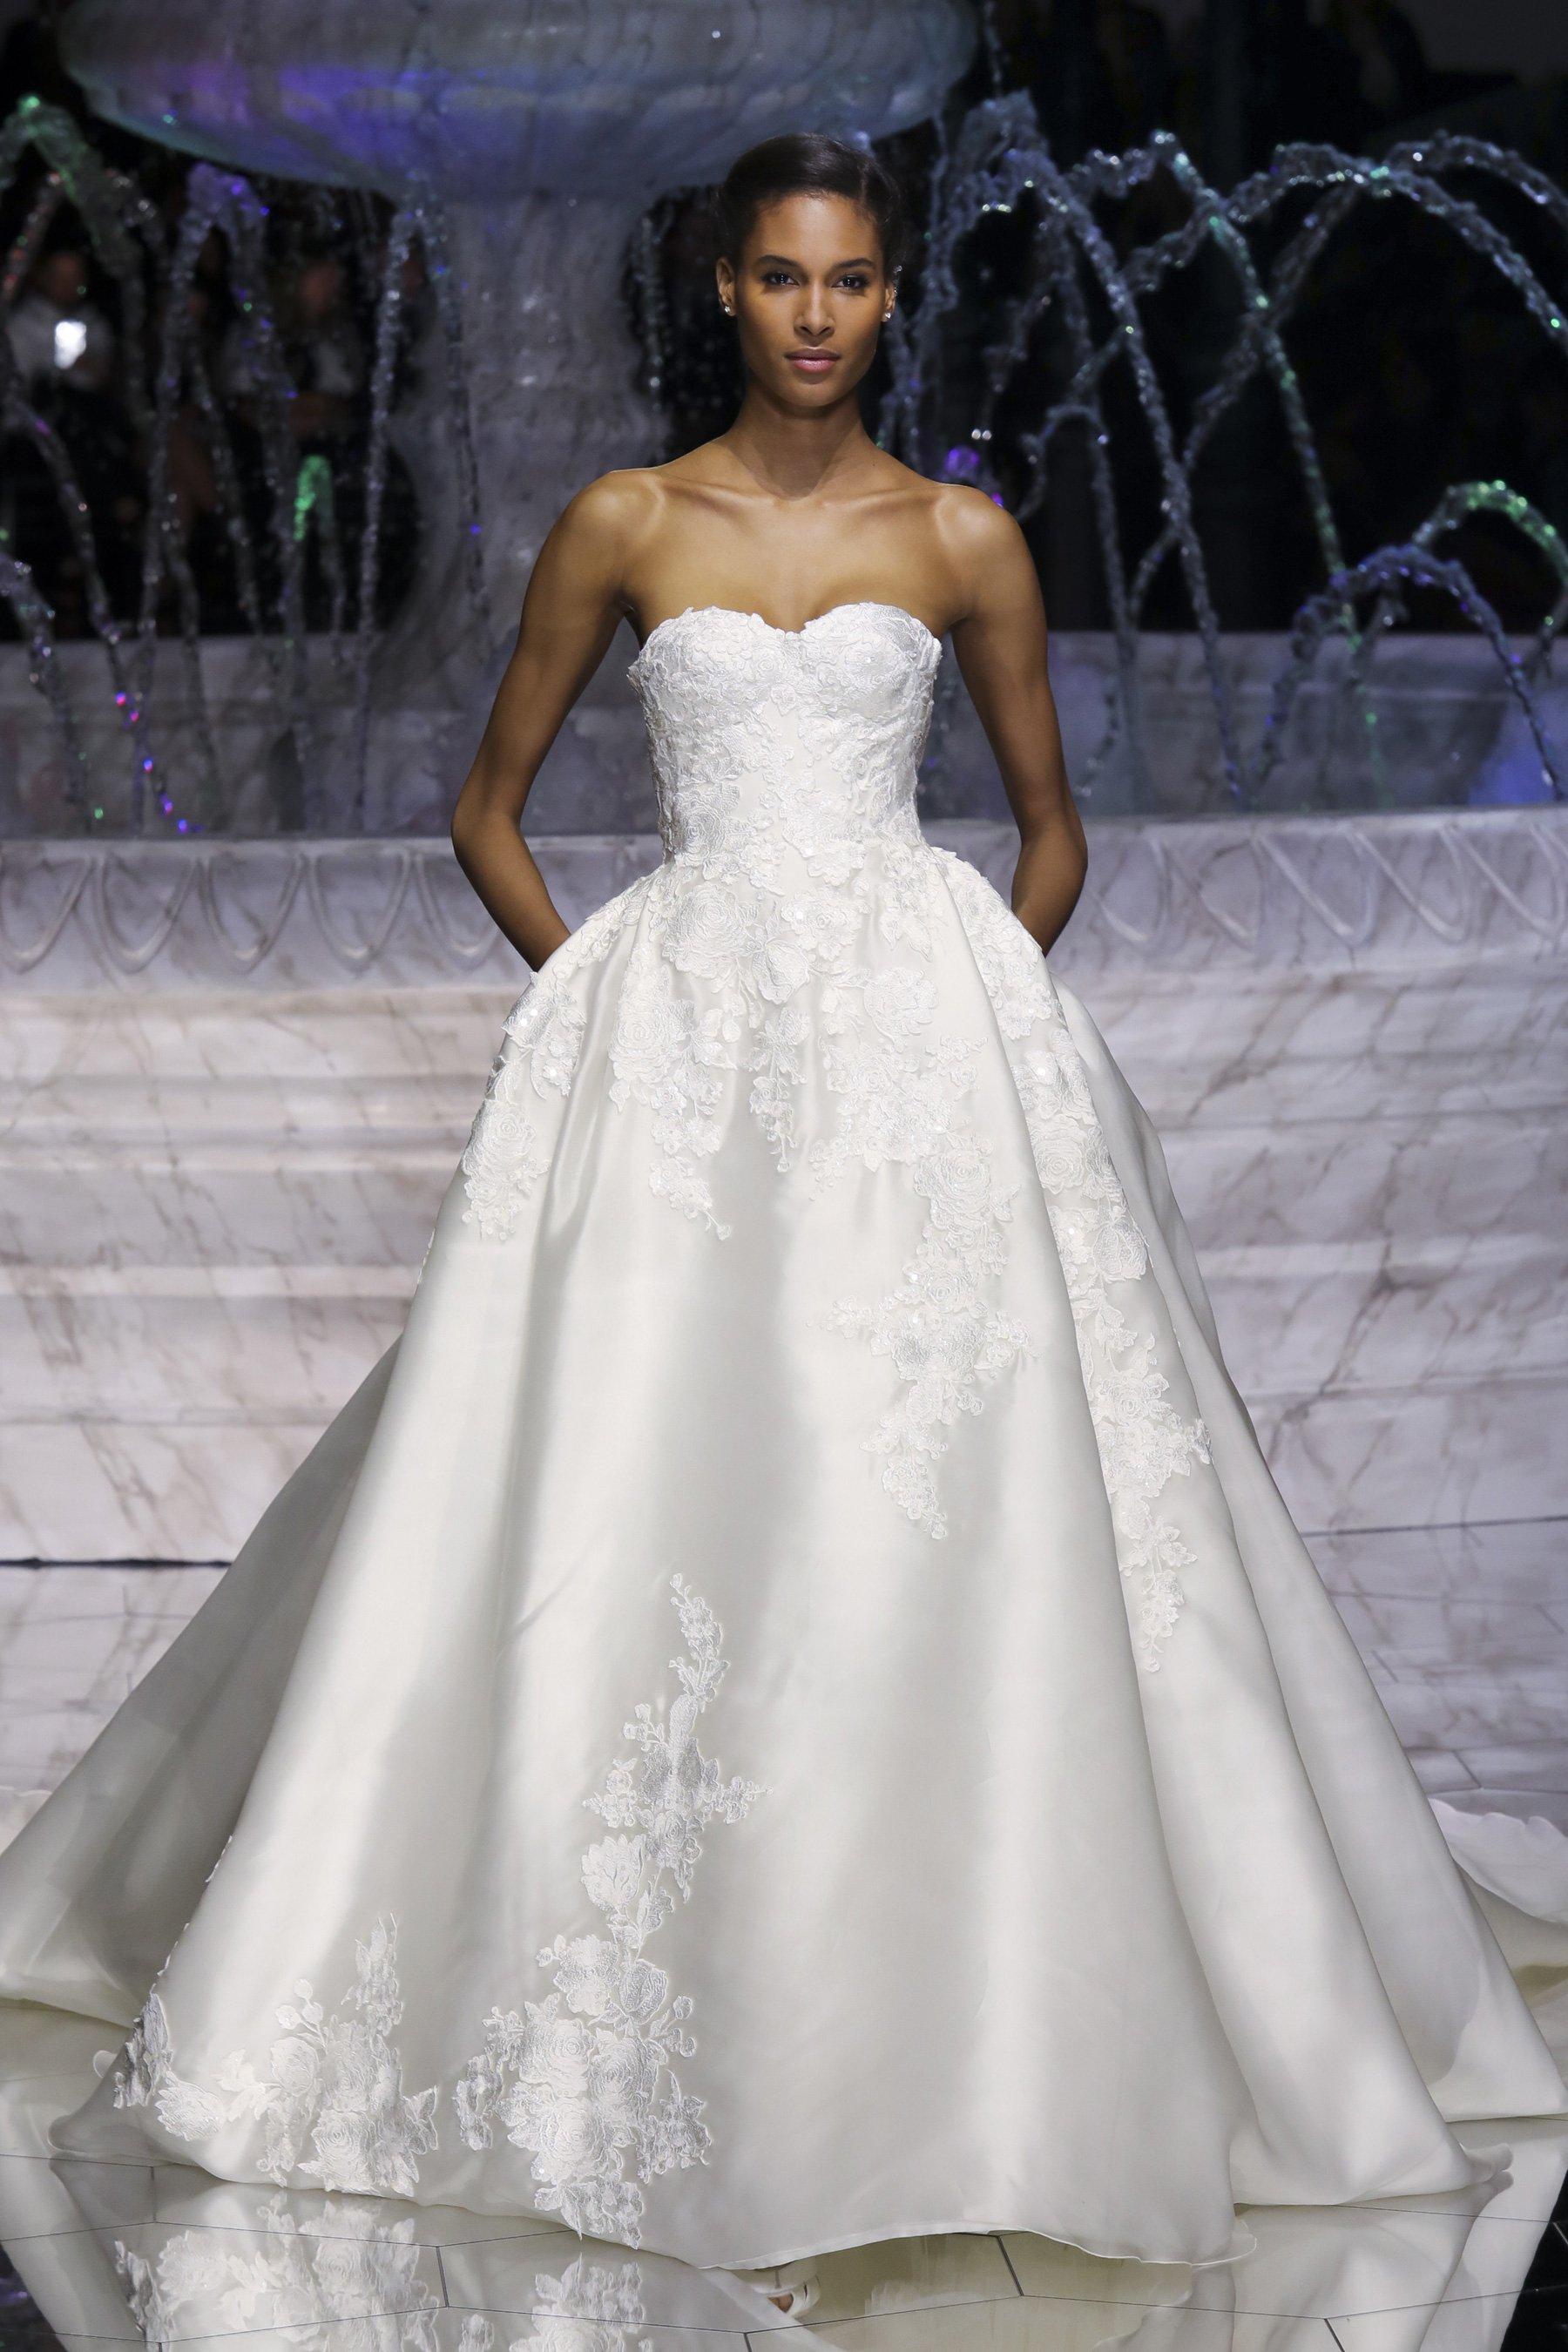 Suknia ślubna Princessa Przydatne Porady Weddingpl Radzi